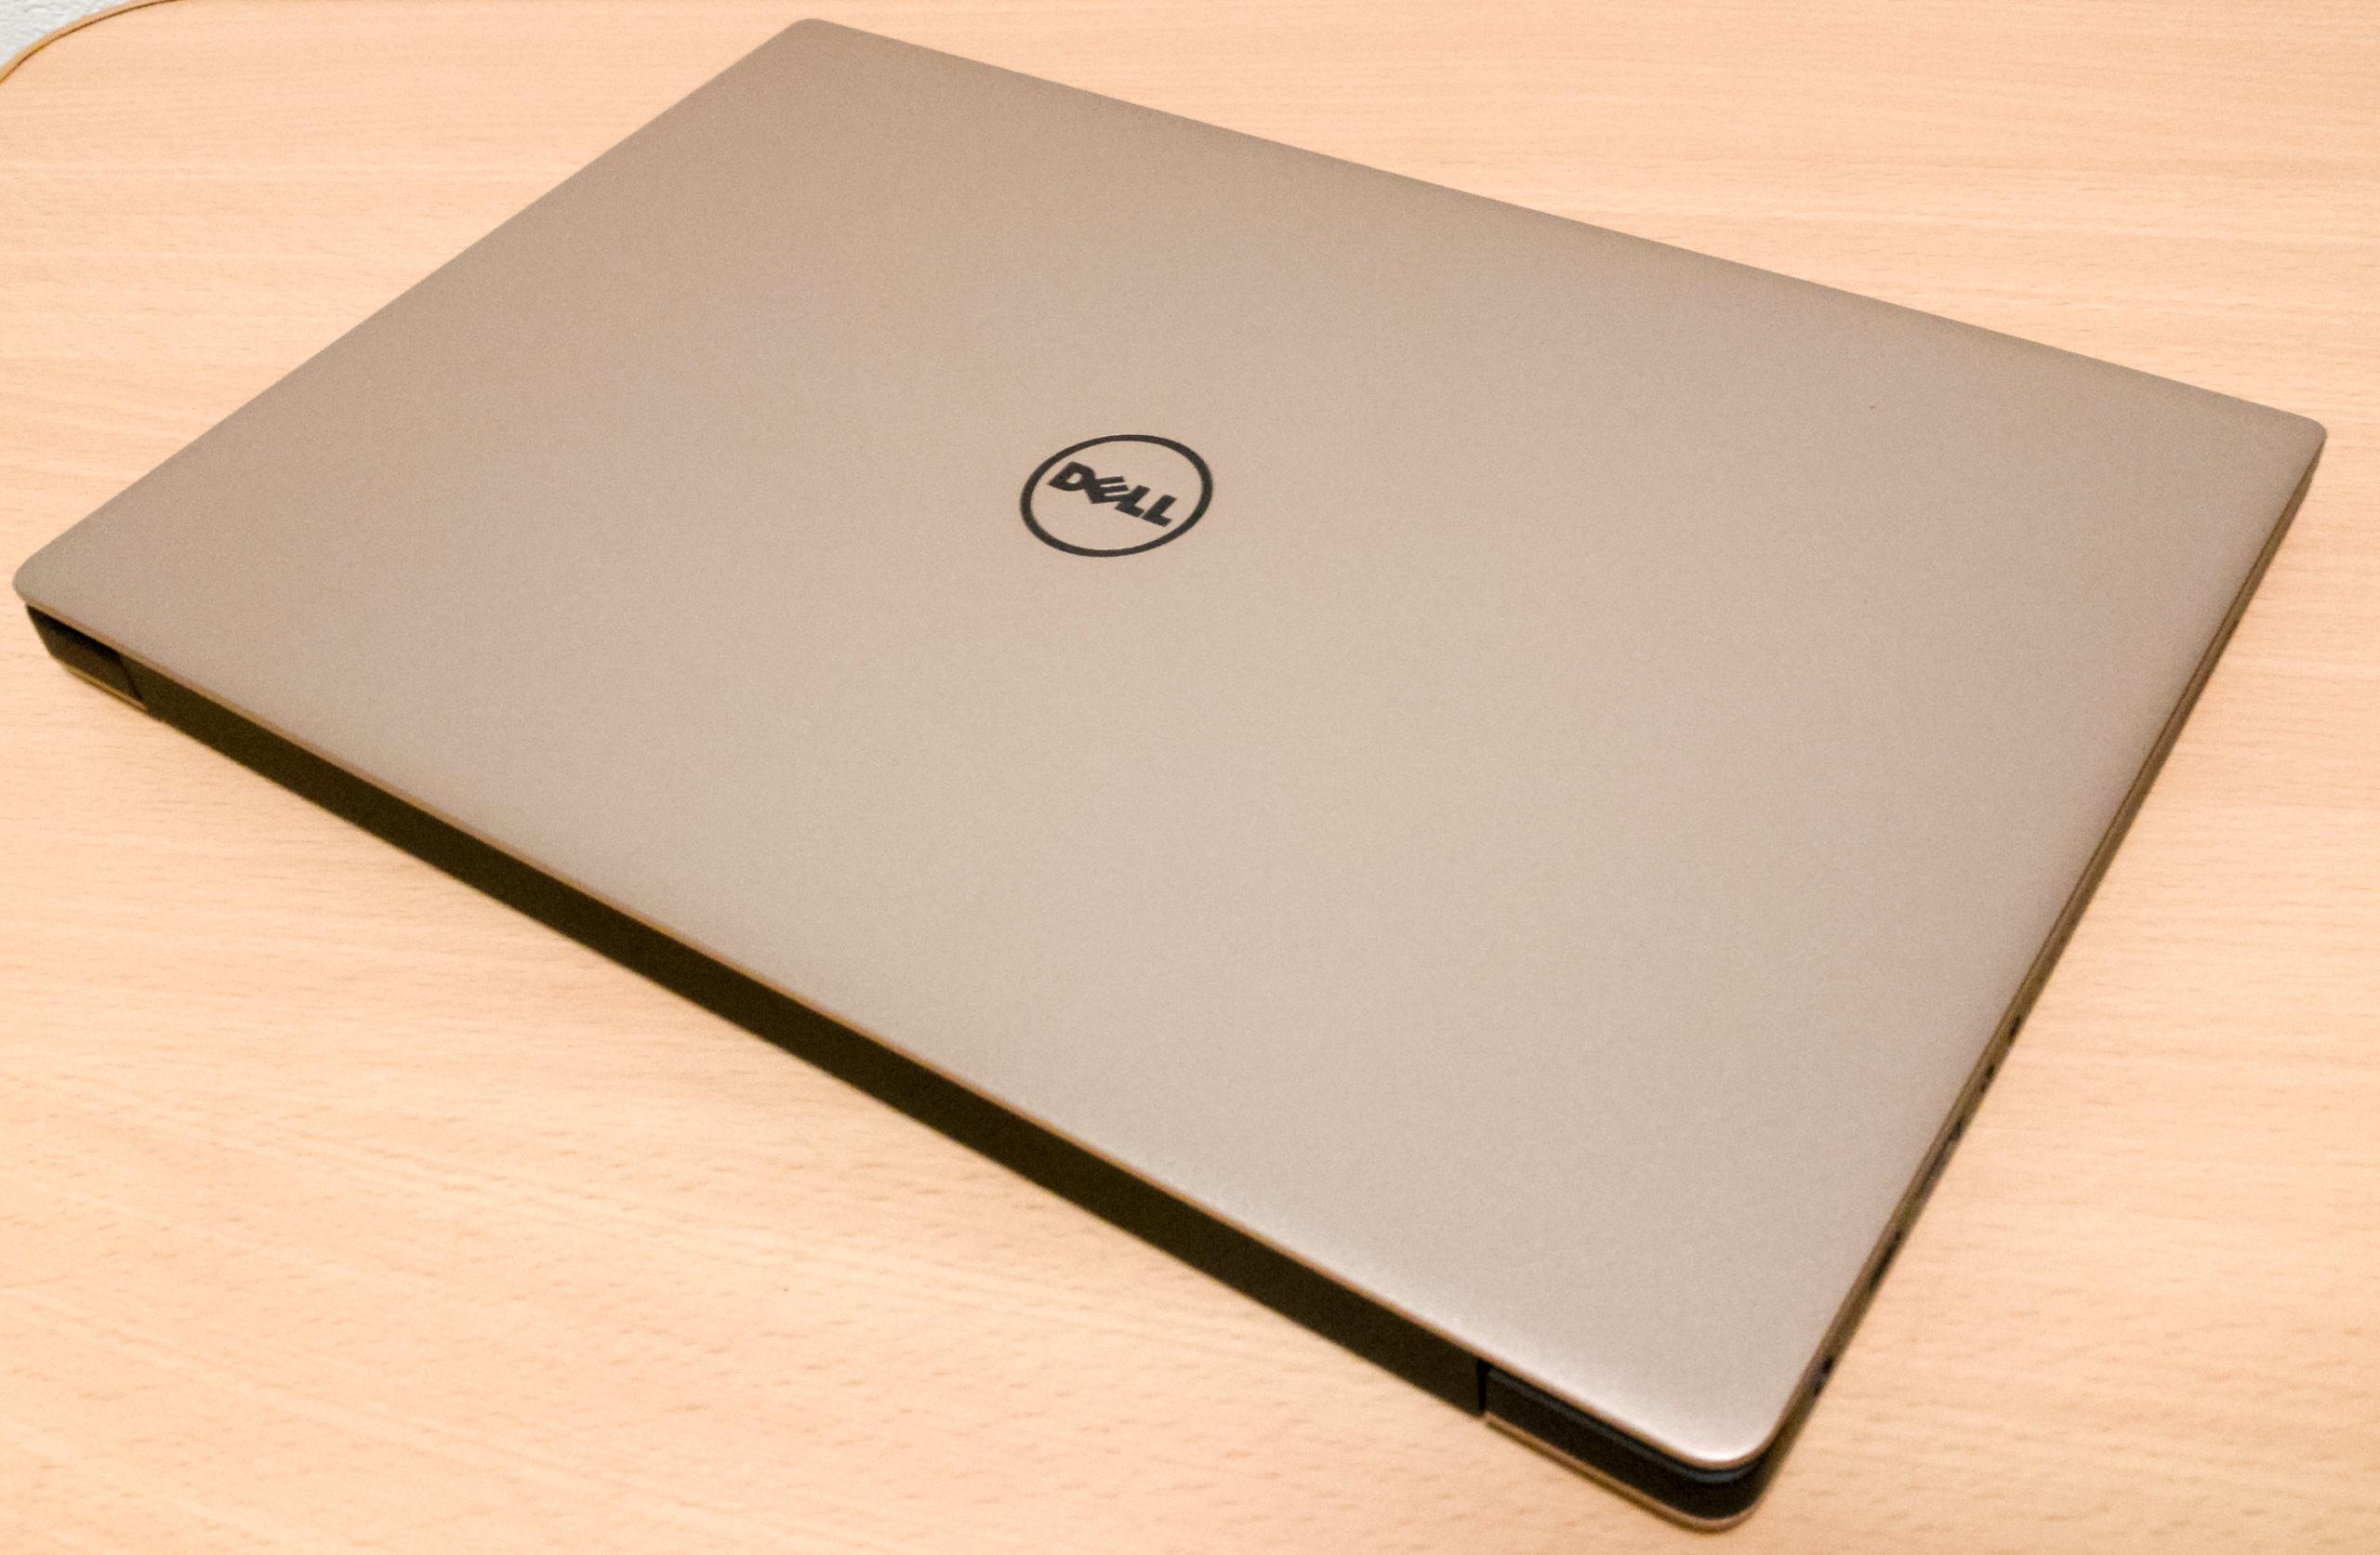 Dellの薄型軽量ノートPC『XPS 13』ファーストインプレッション